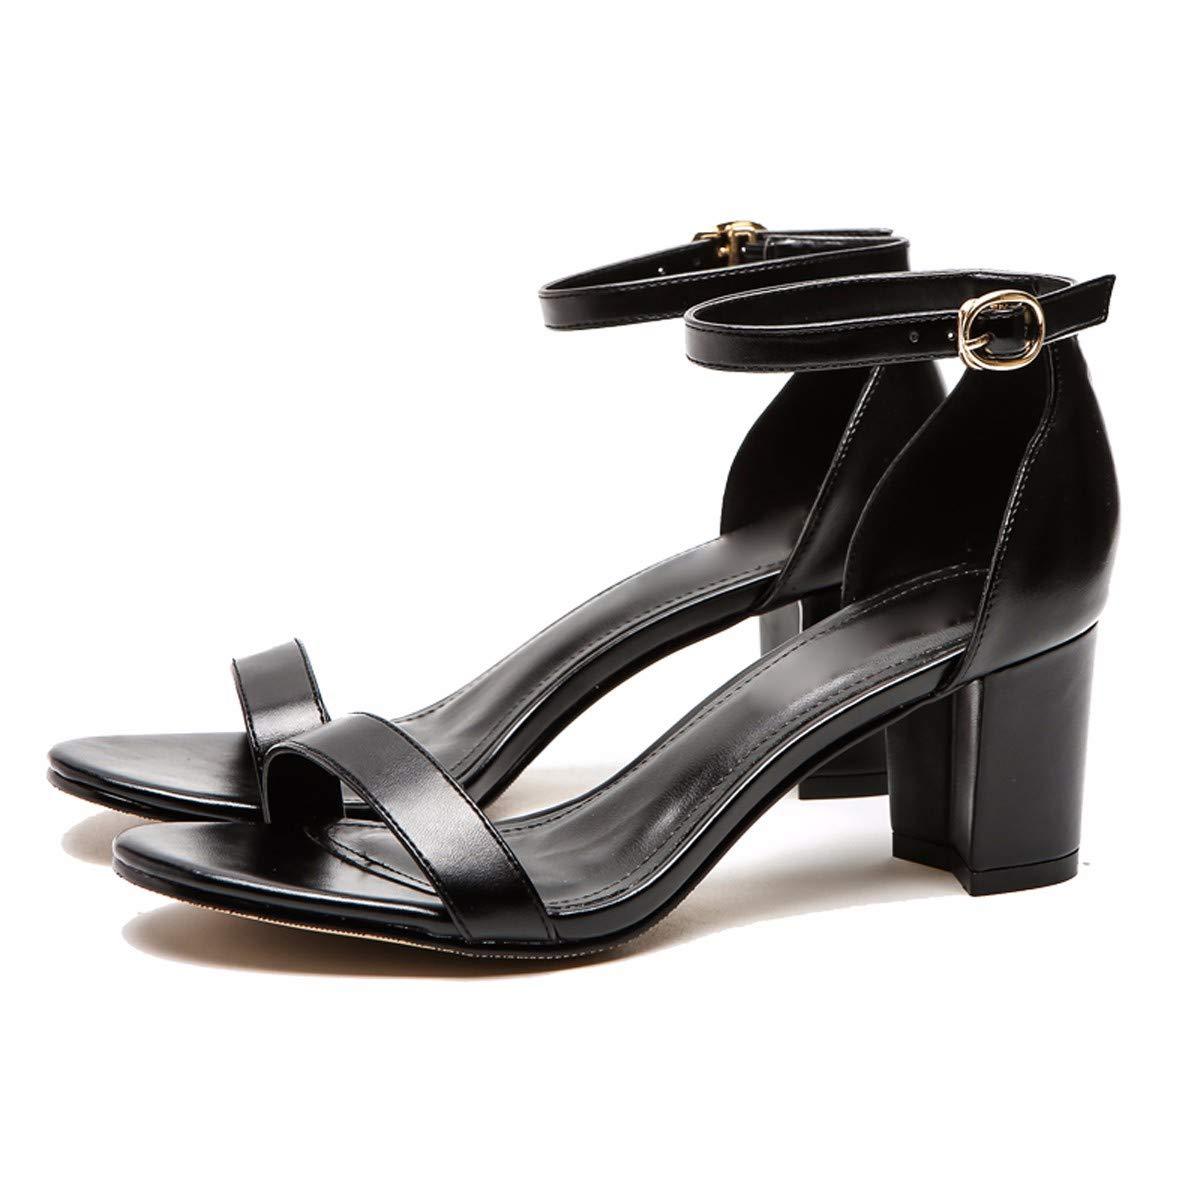 KPHY-Einzelne Schnallen Damenschuhe Knoten und Heels Mittleren und Niedrigen Heels Retro - Einzelne Schuhe Lack - Platz Endet Sandalen.